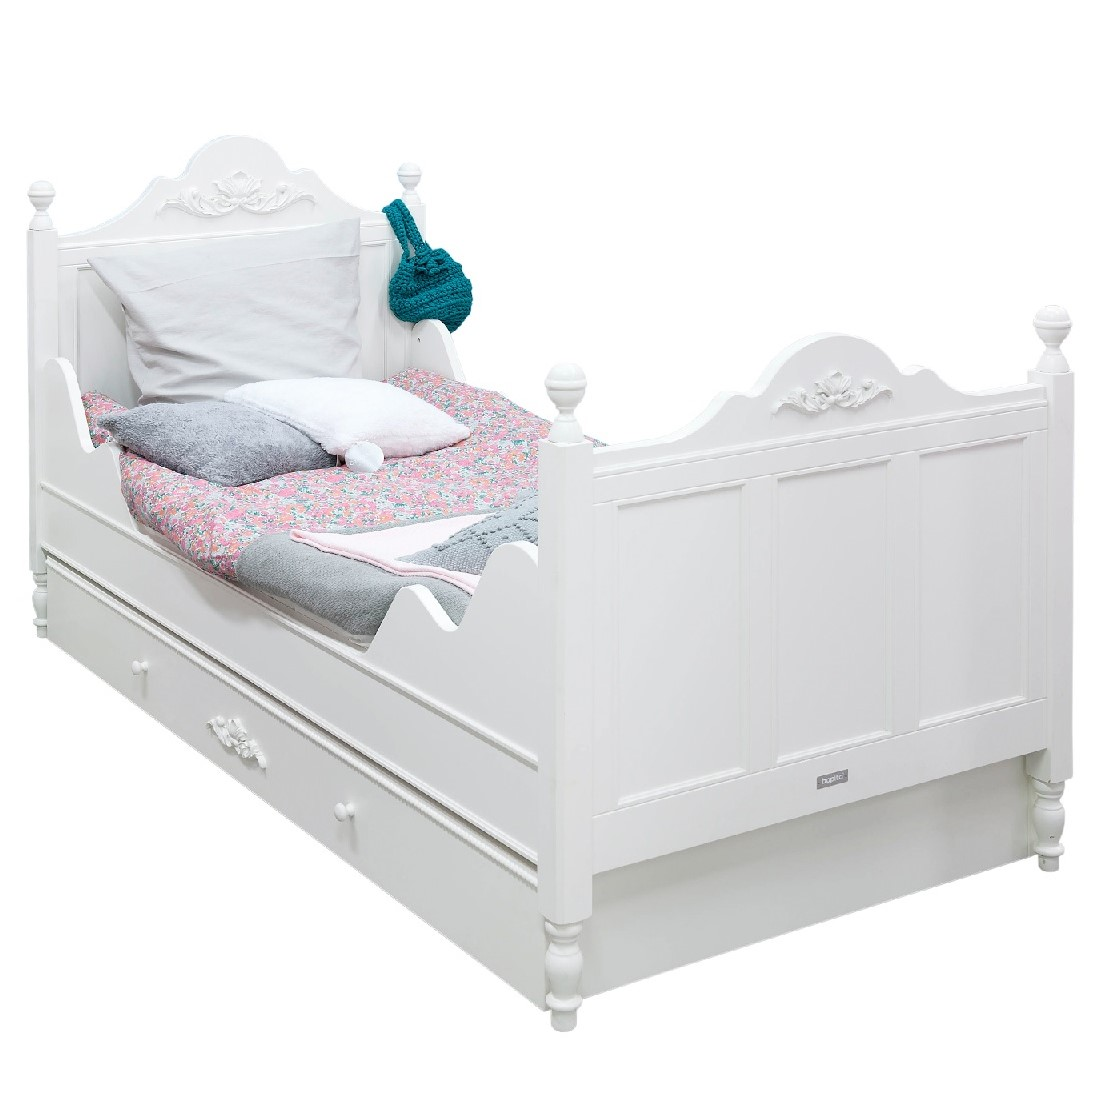 Full Size of Bopita Bettschublade Belle Romantic Gstebett Schublade Wei Bett Wohnzimmer Bopita Bettschublade